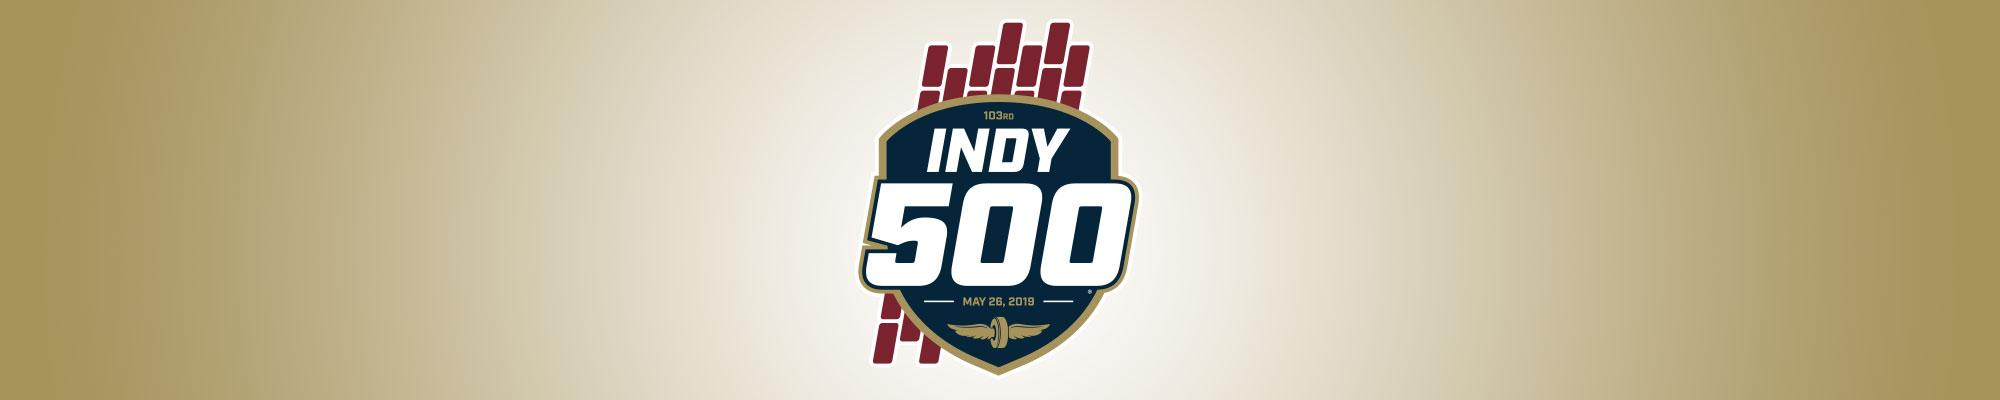 header-indy500-2019.jpg